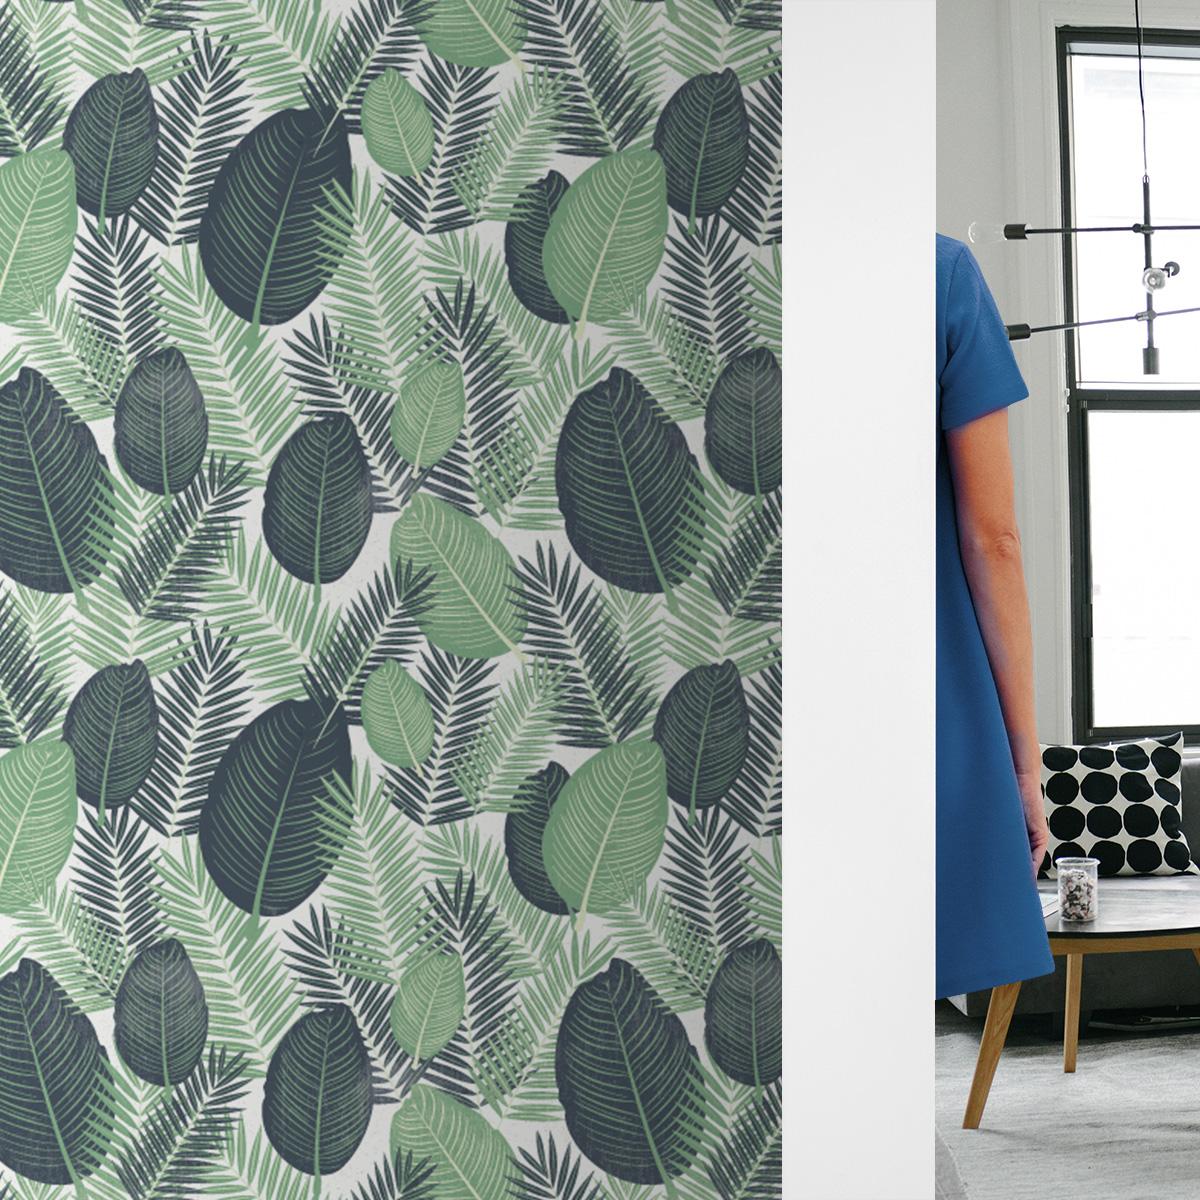 Küchentapete creme: Üppige Dschungel Tapete mit großen Blättern, grün weiße Vlies Tapete, exotische moderne Wanddeko für Küche